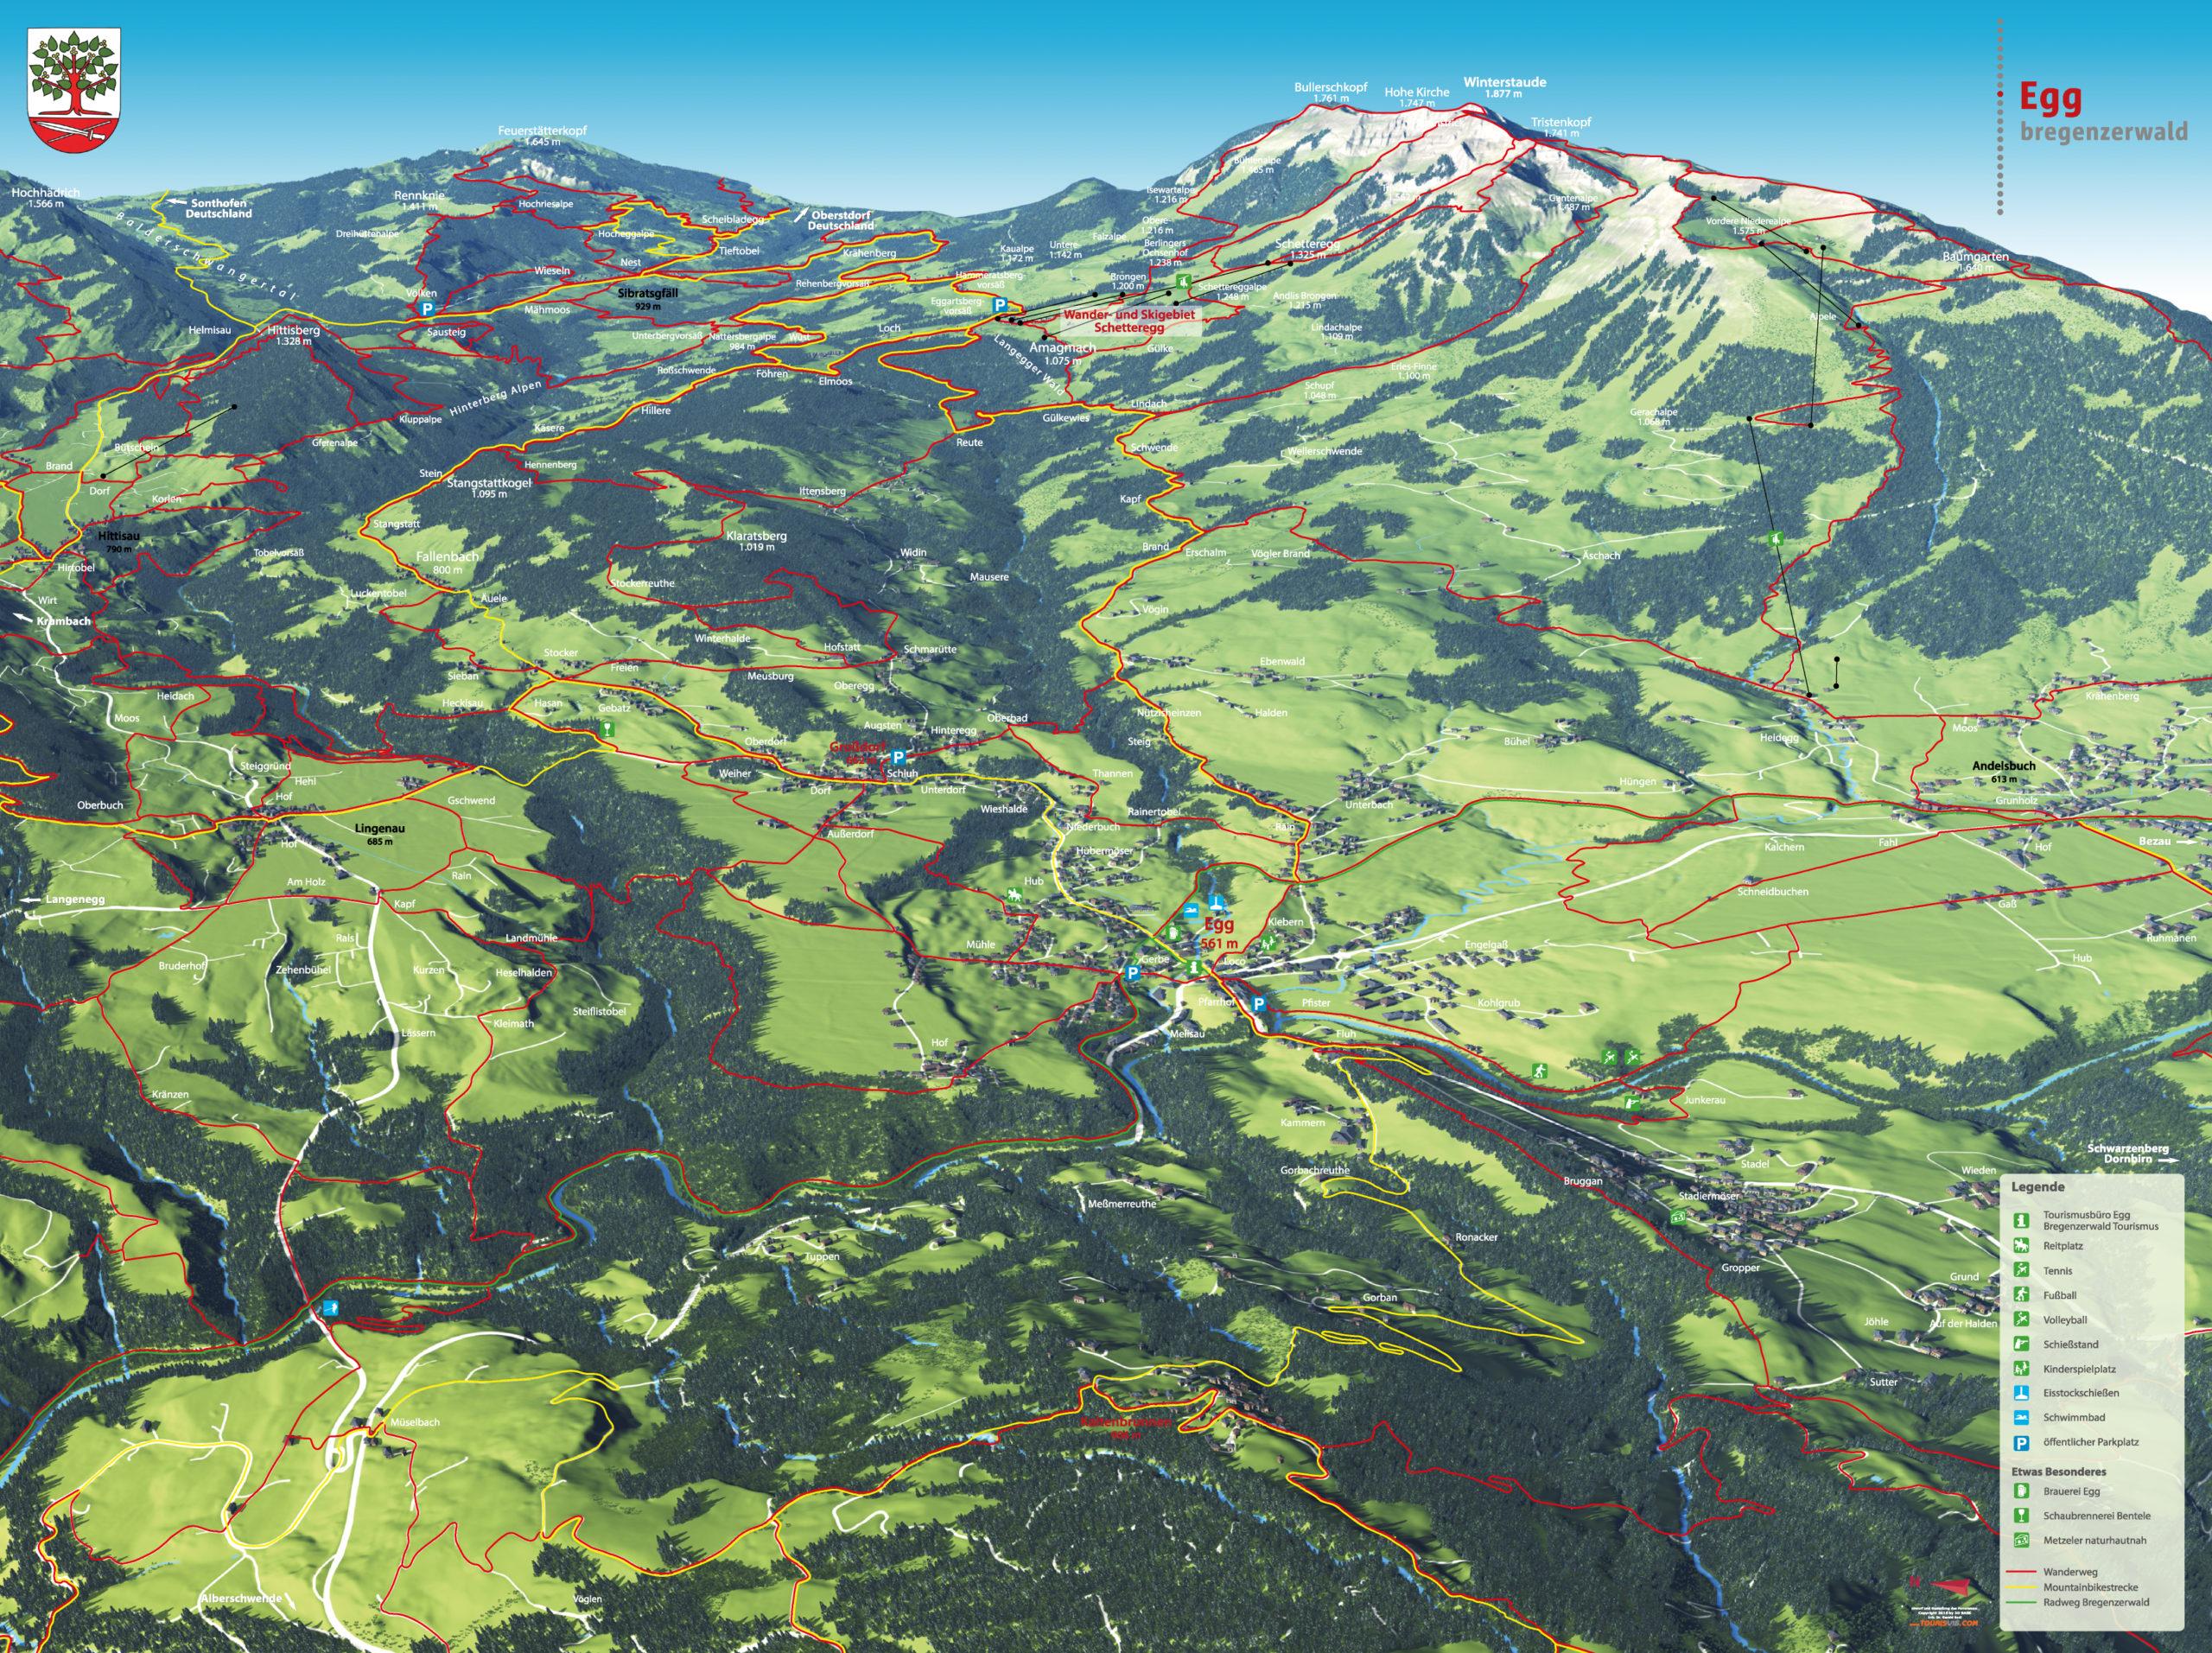 3D Panoramakarte Wandern Biken Egg Bregenzerwald